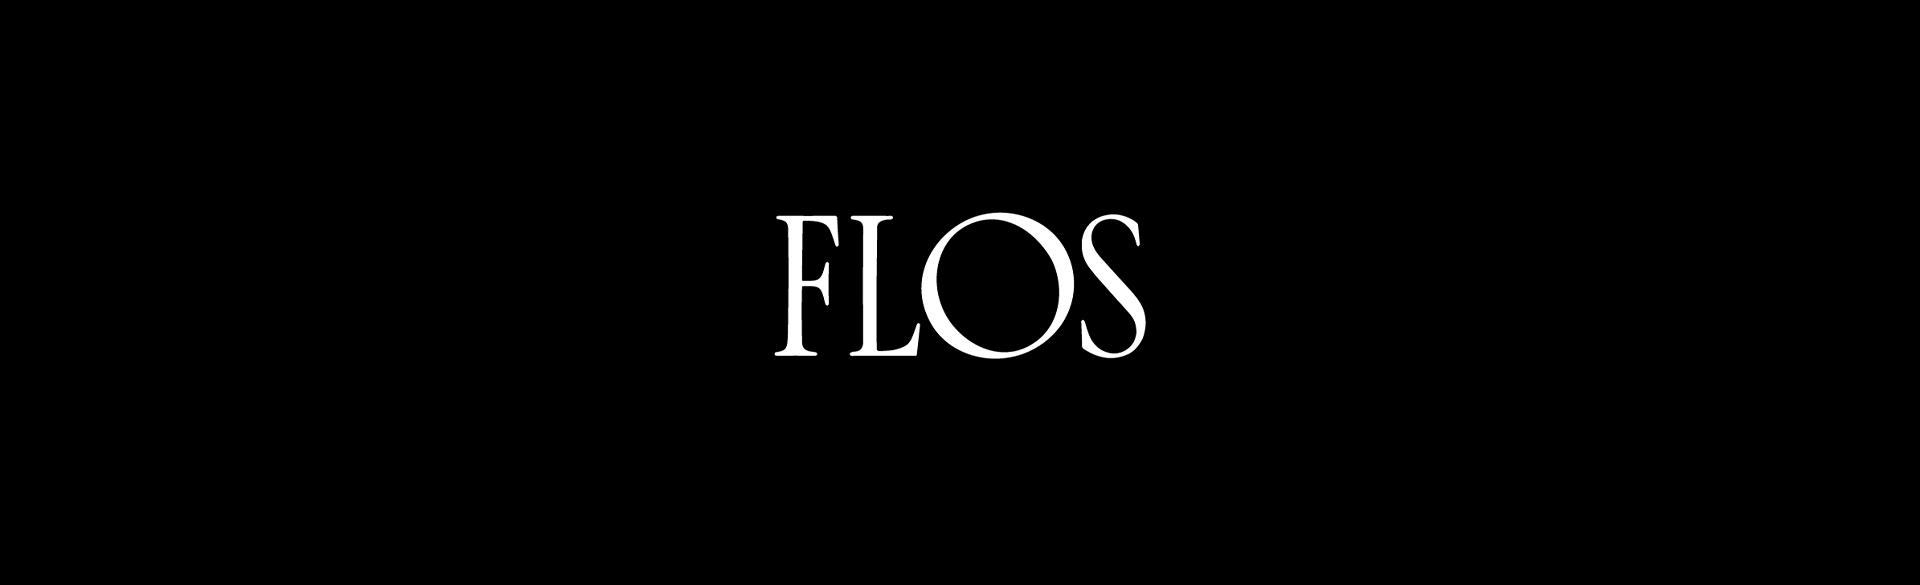 flos-logo-2x-2x.png